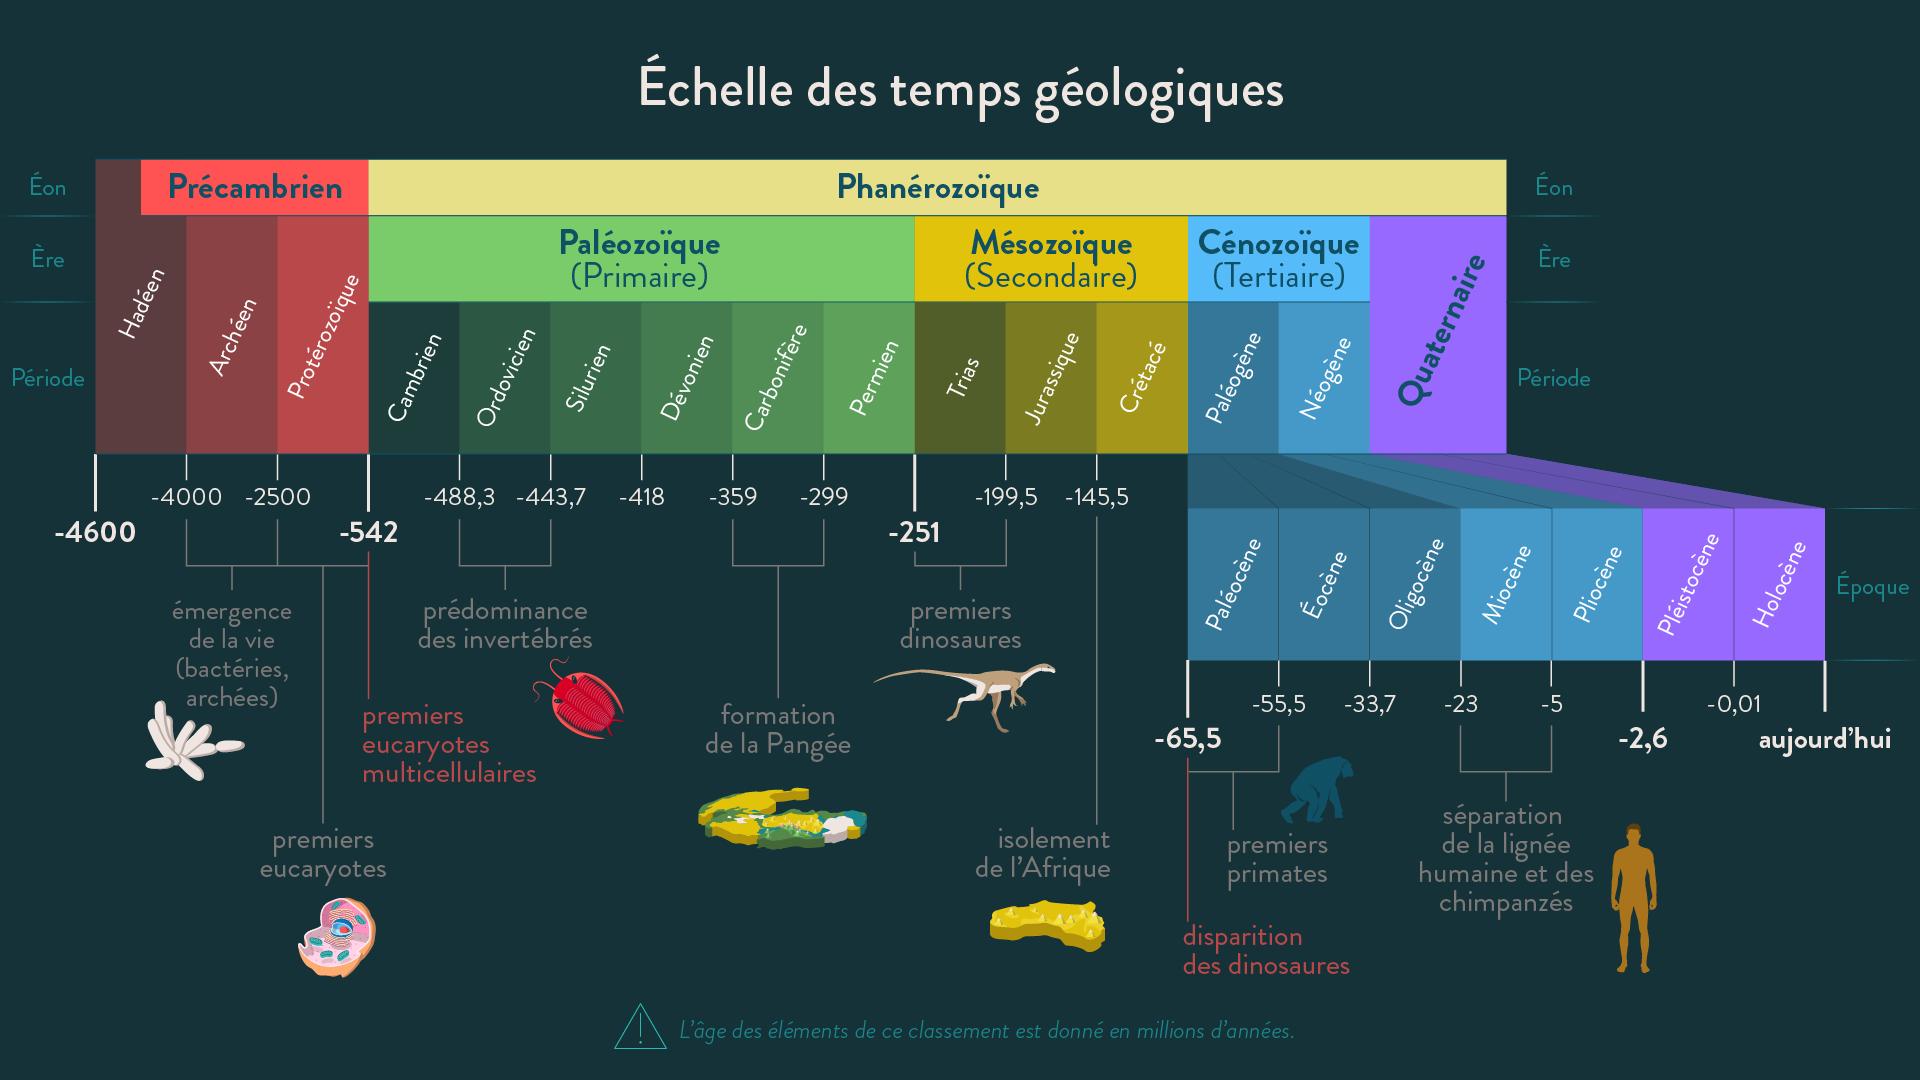 Échelle des temps géologiques